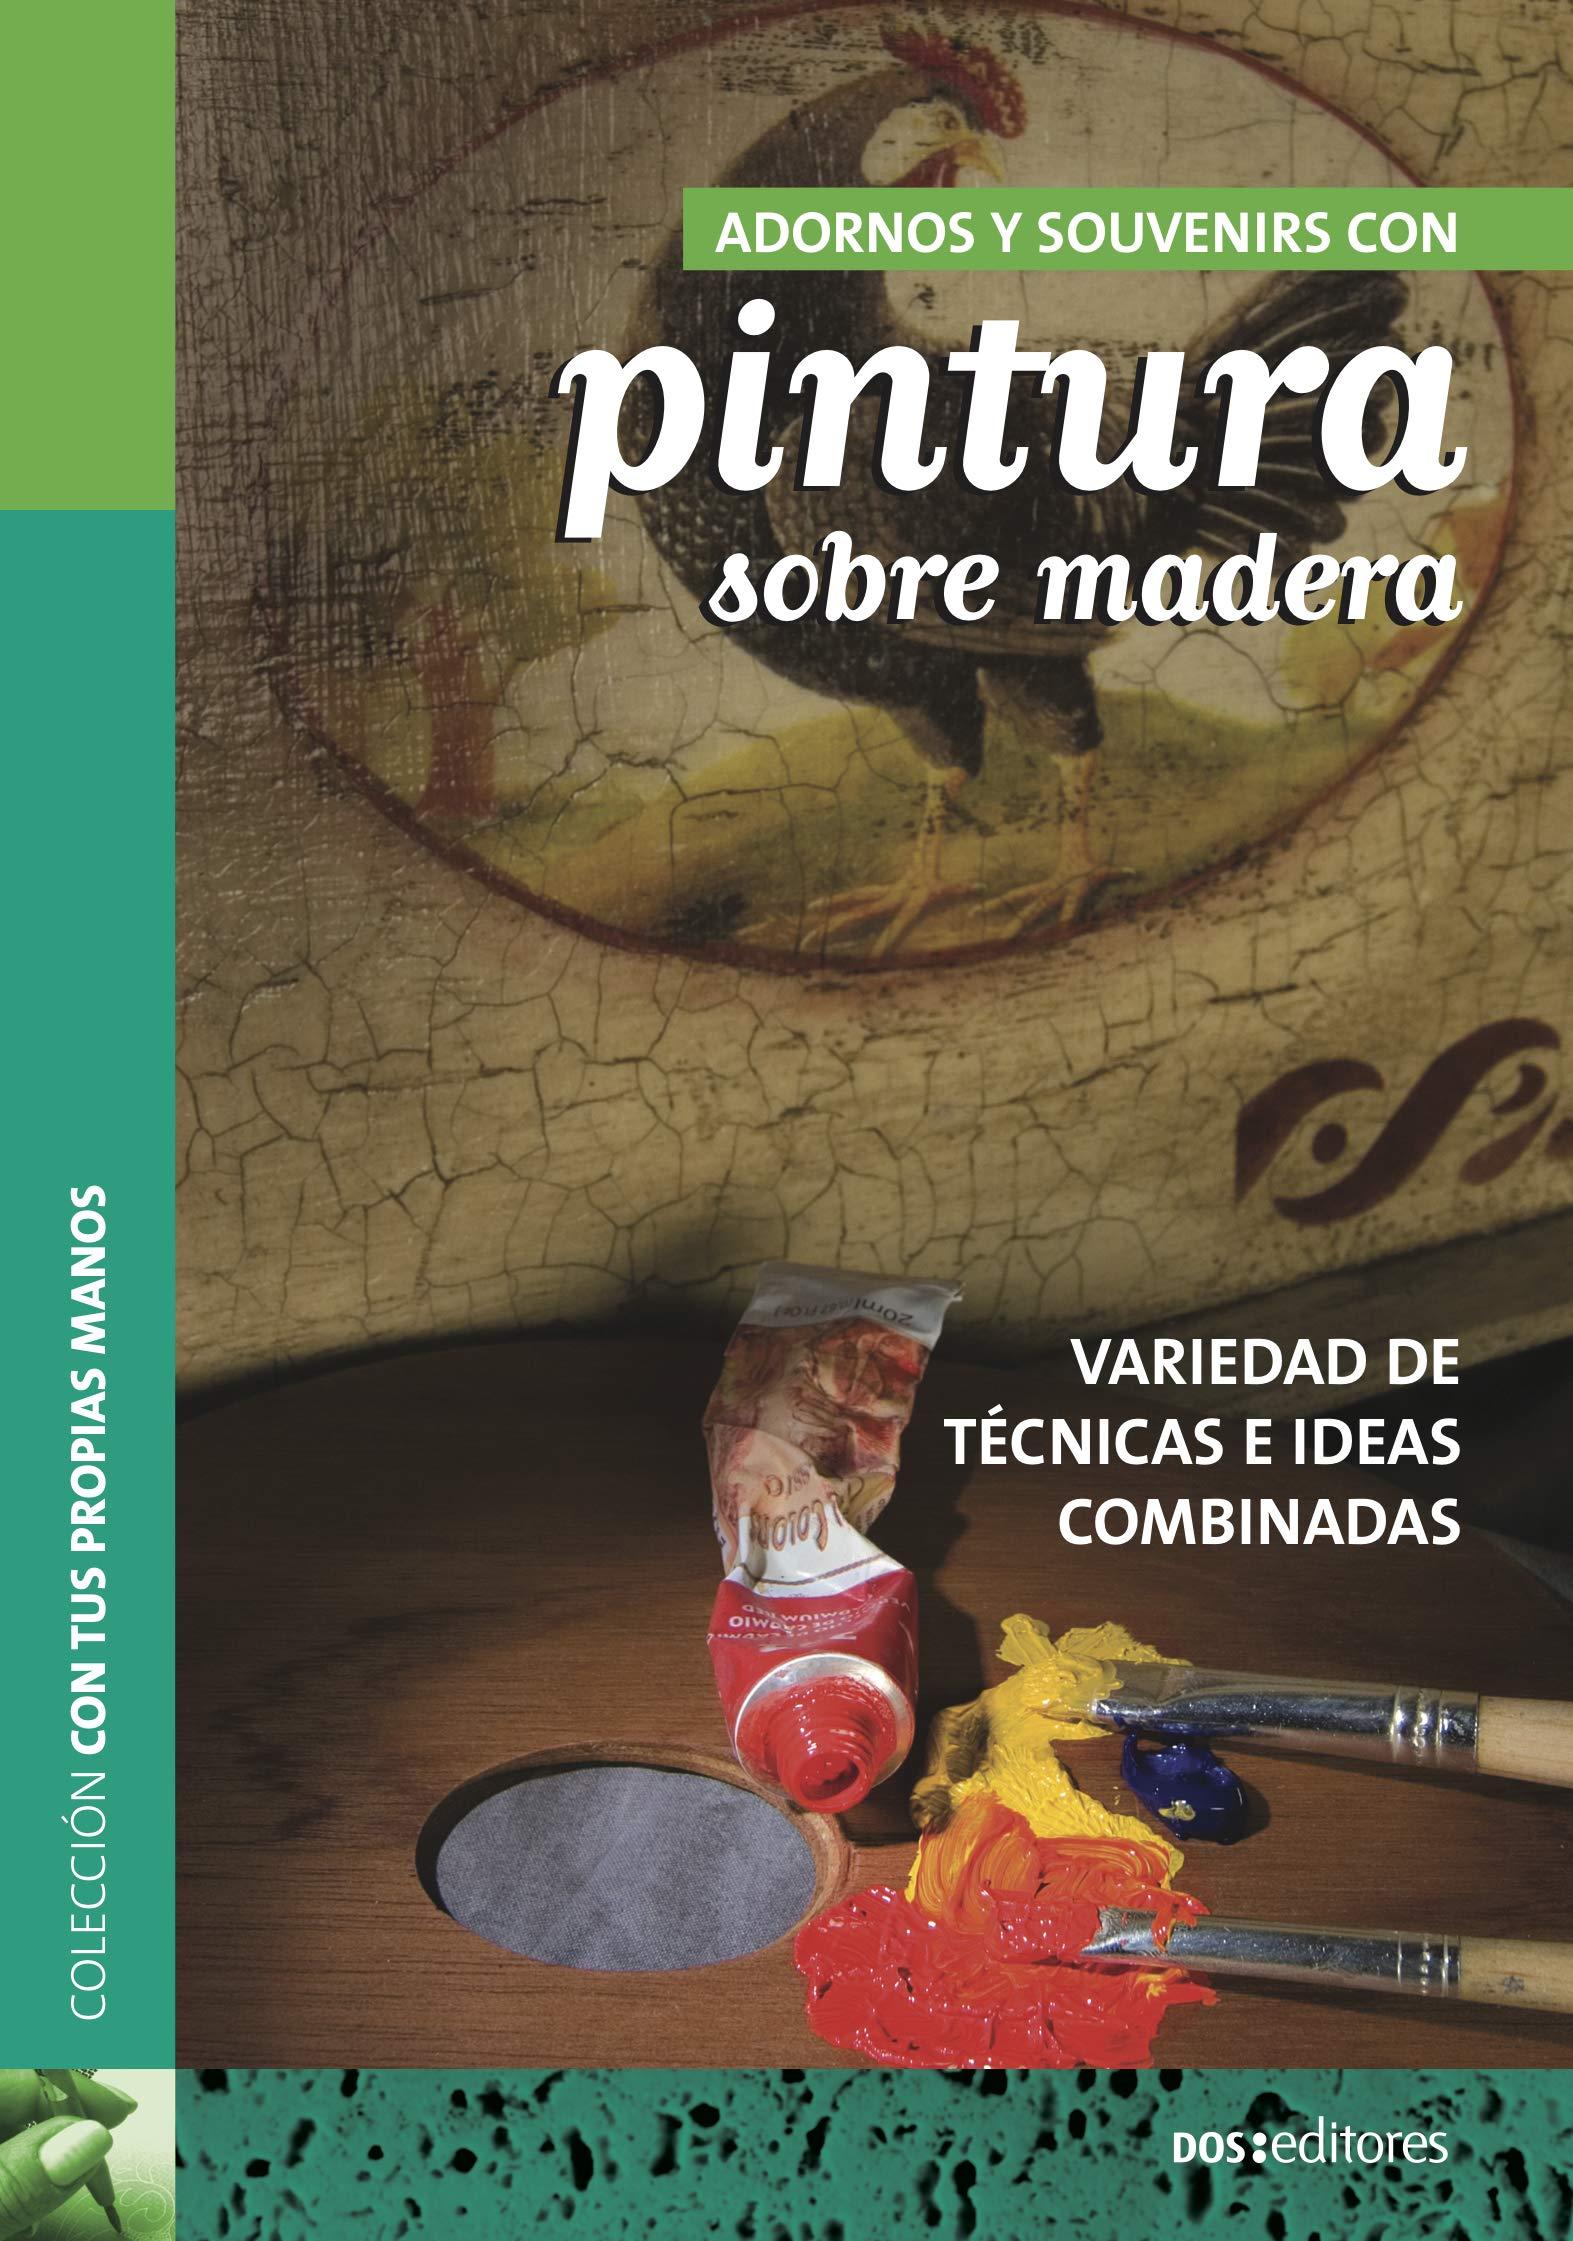 ADORNOS Y SOUVENIRS CON PINTURA SOBRE MADERA: variedad de técnicas e ideas combinadas (Spanish Edition)